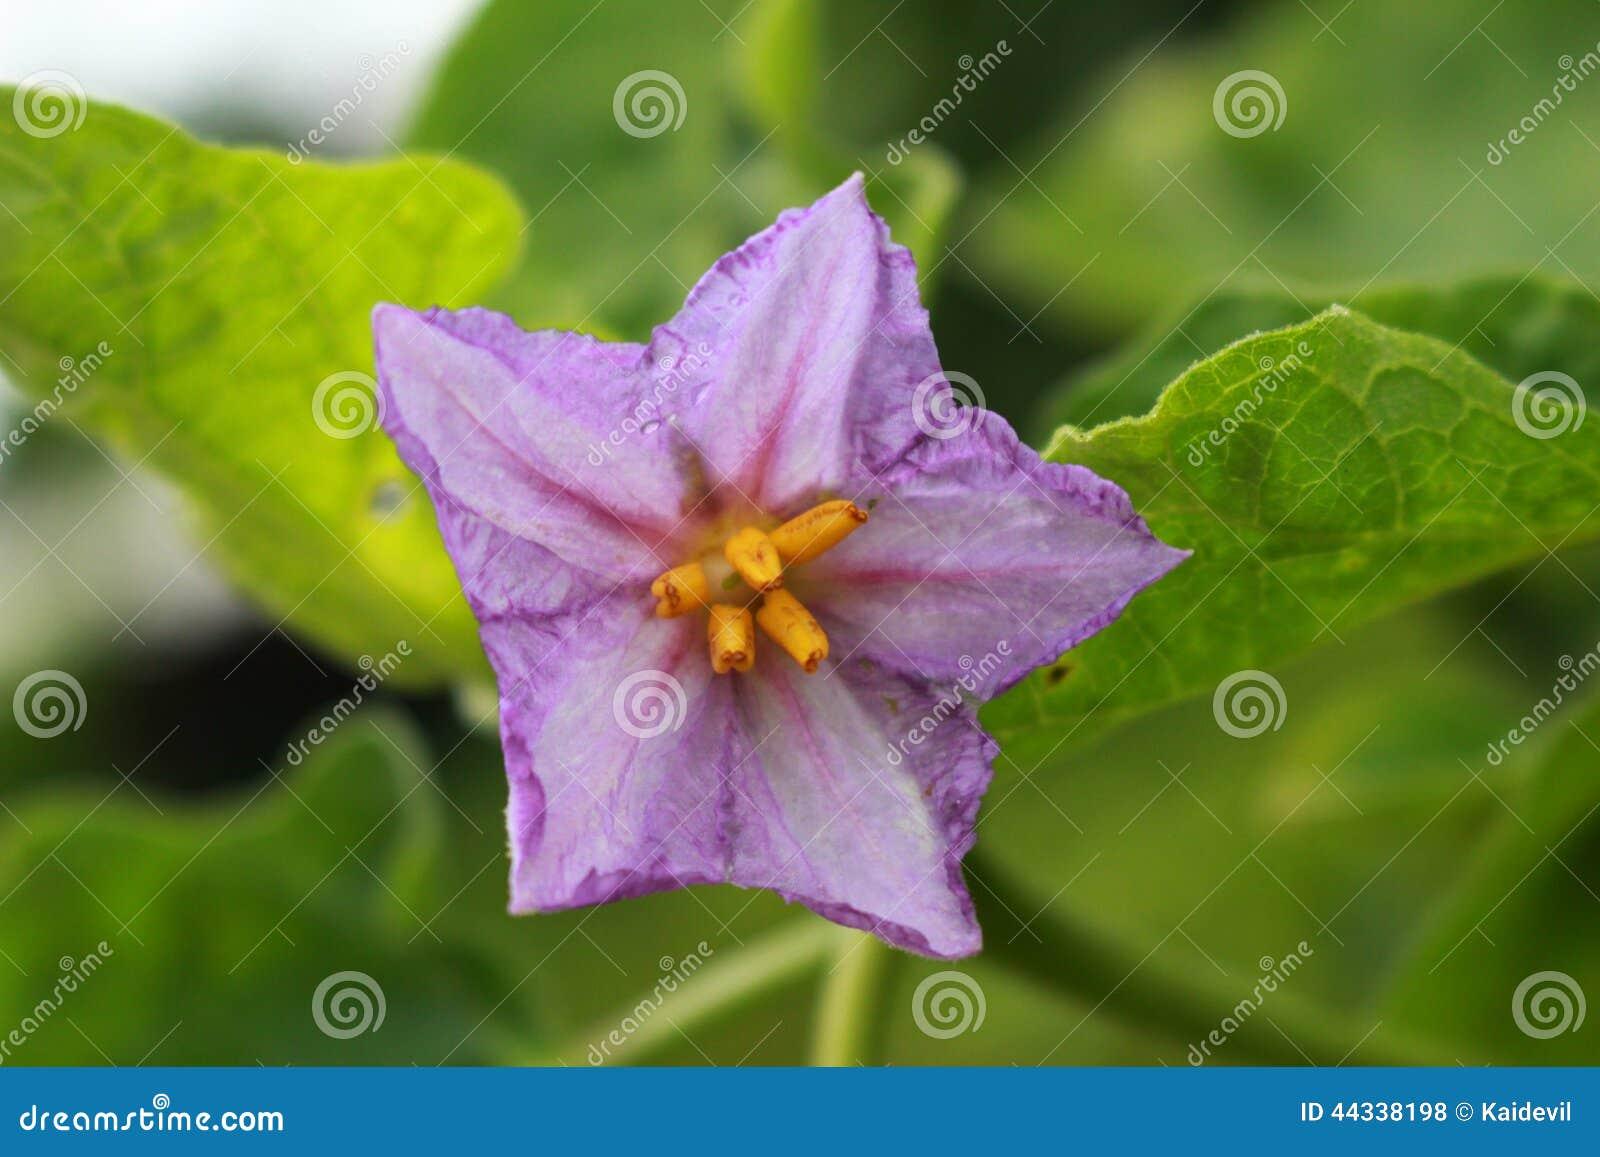 Violet Brazilian Potato Tree